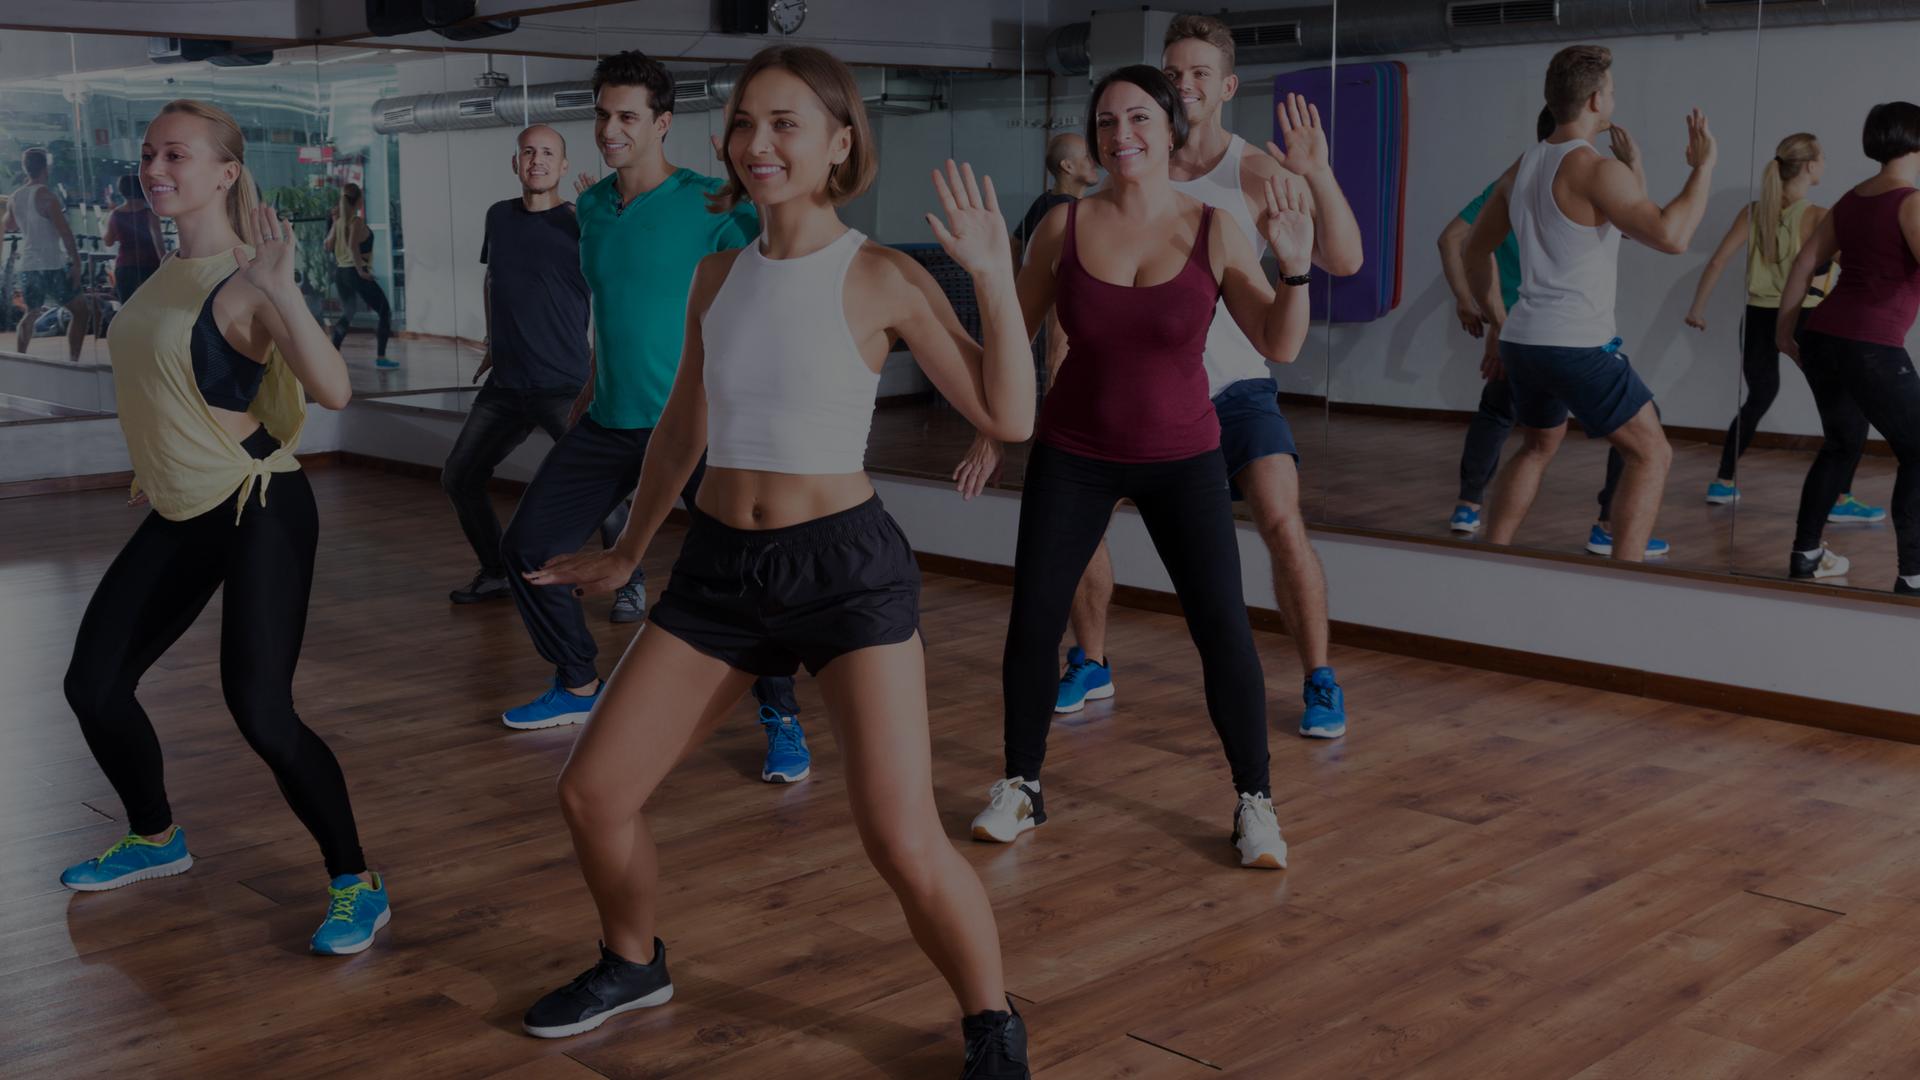 ballard health club — dance classes at ballard health club in seattle